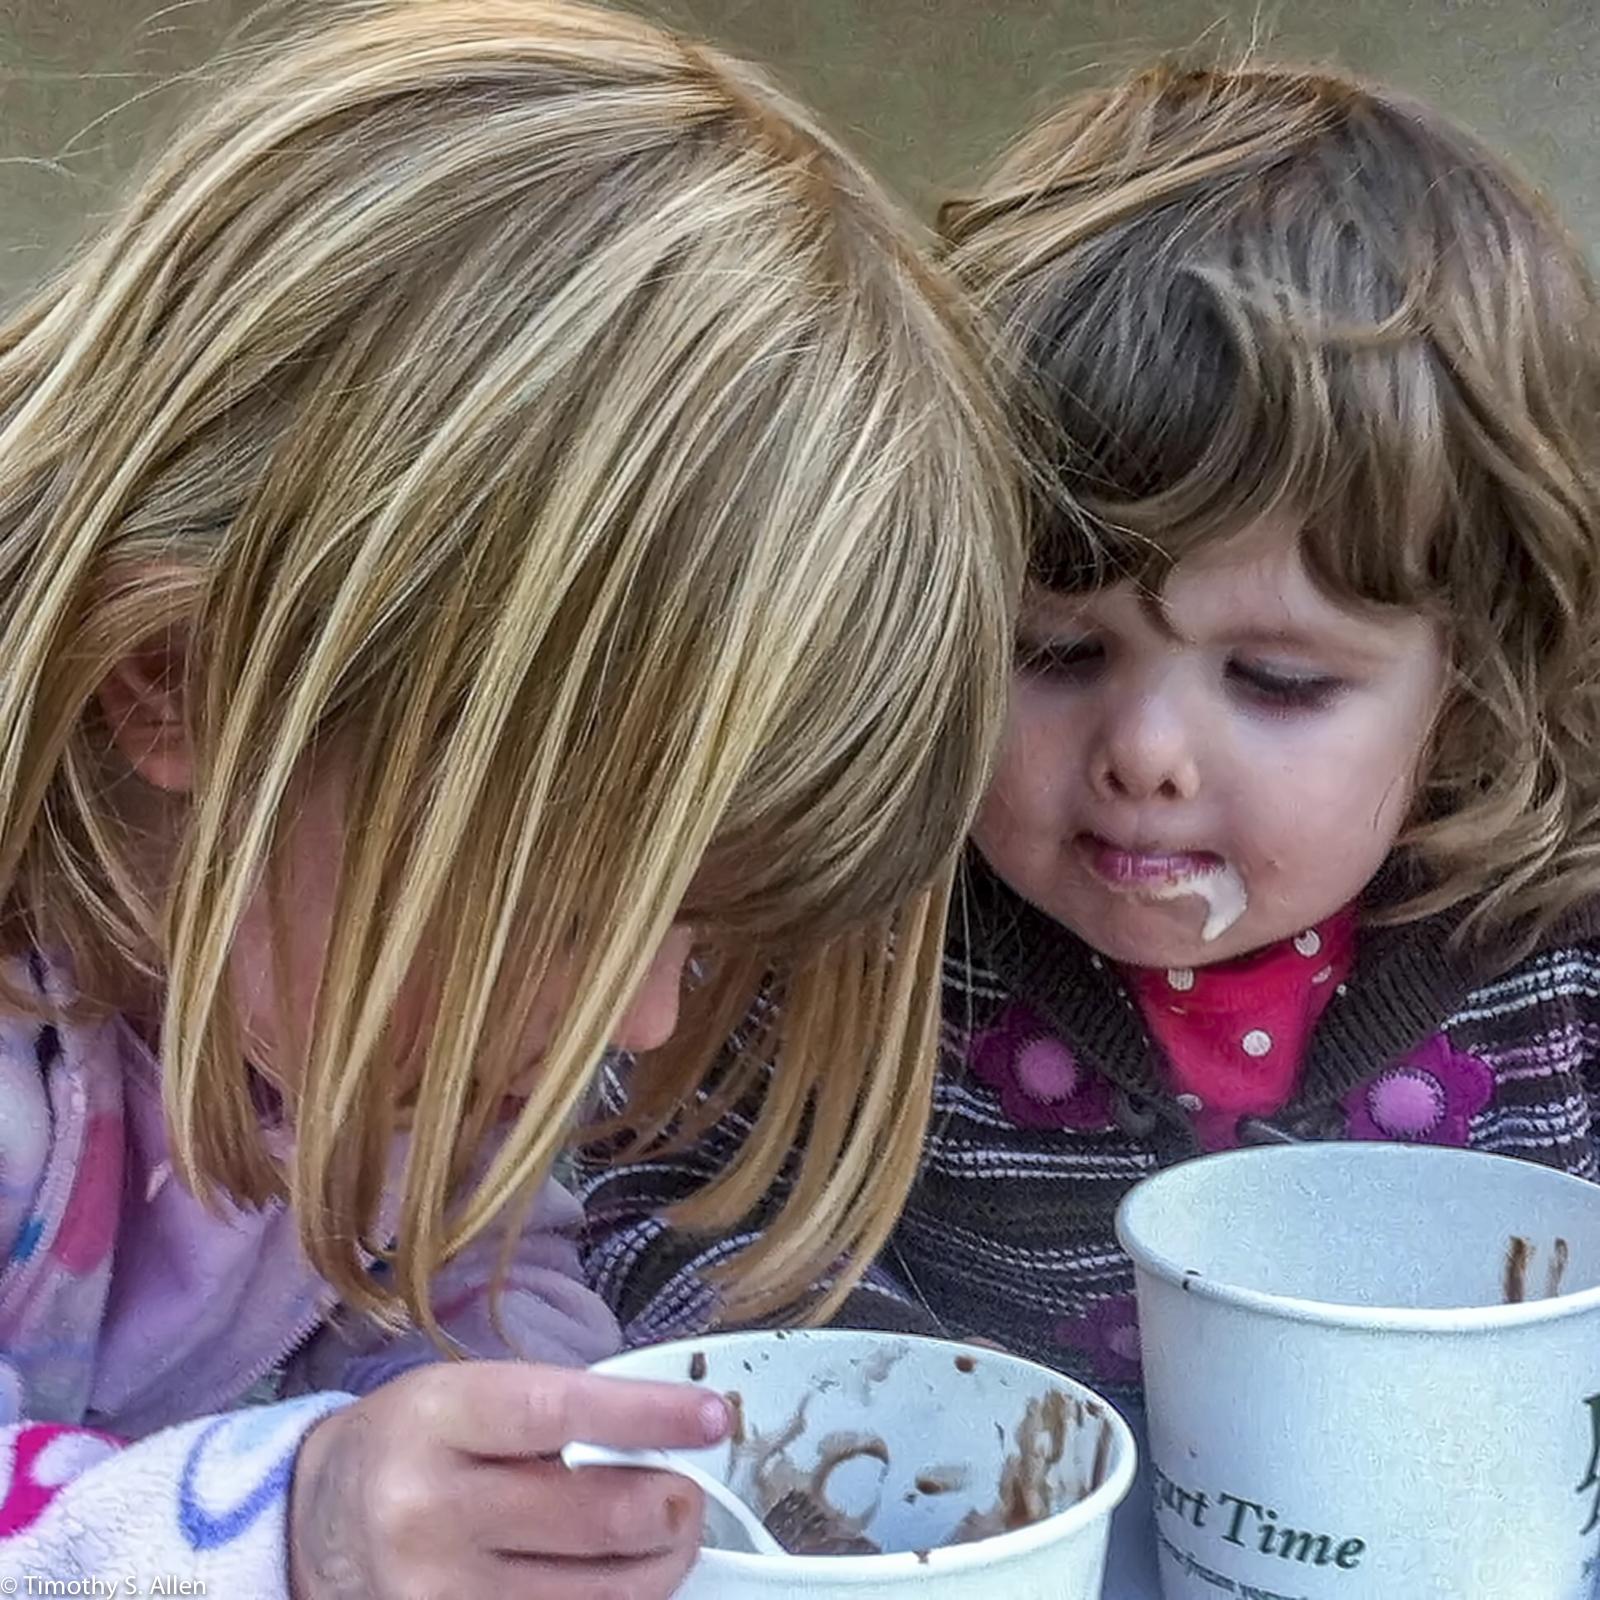 My Two Granddaughters Eating Yogurt at Yogurt Time in Santa Rosa, CA, U.S.A. August 11, 2011